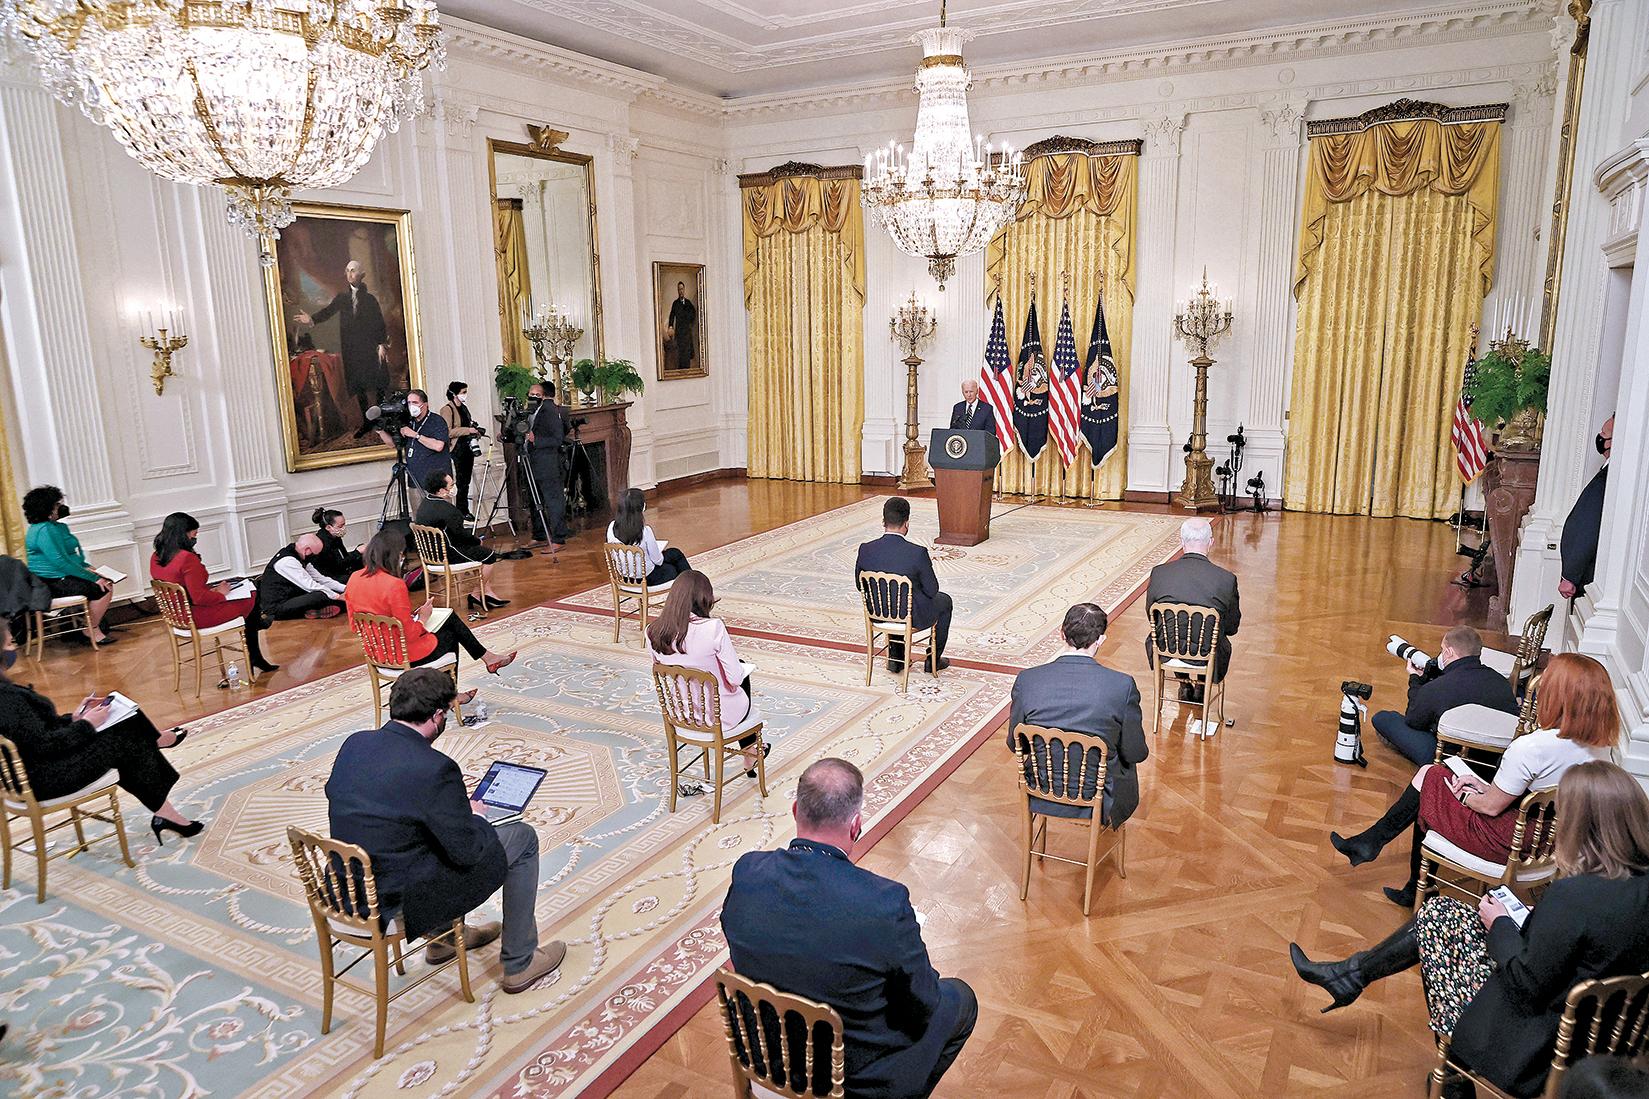 美國總統拜登於3月25日在白宮東廳舉行了上任後首場記者會。(Getty Images)